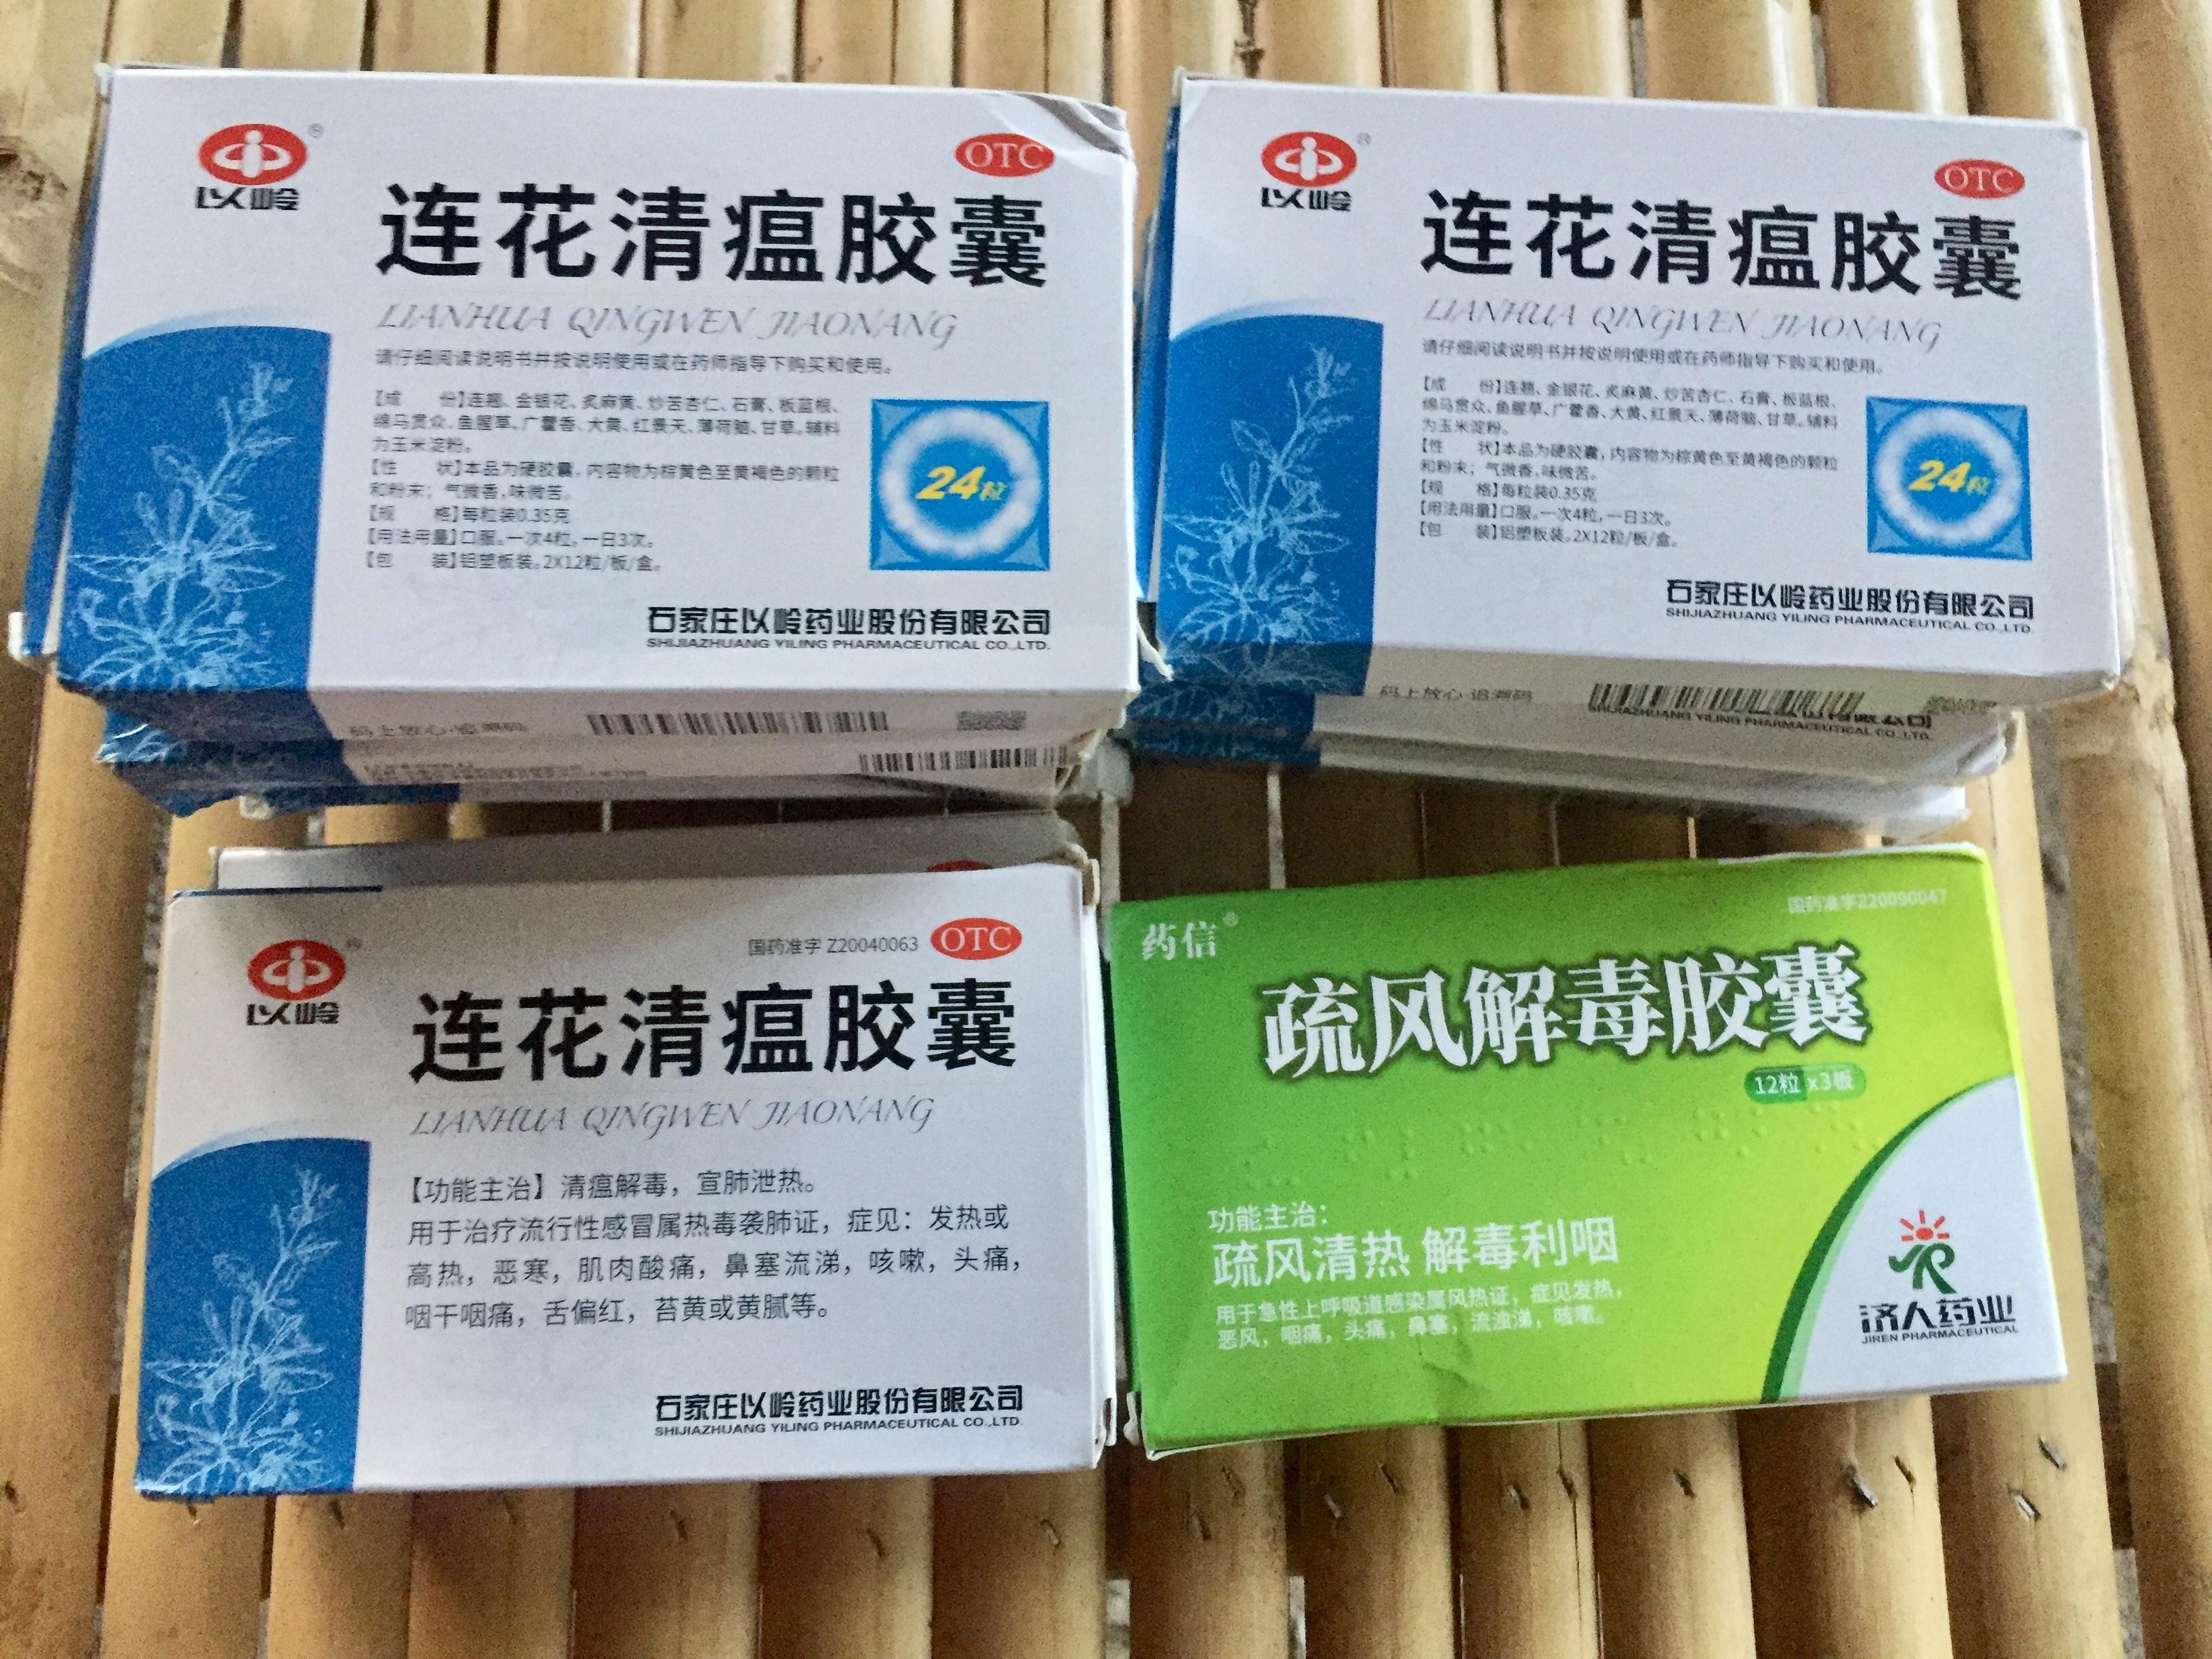 疫情下暖心深情,乡亲间友爱温馨——泰国温州商会实际行动为所有会员赠送抗疫物资